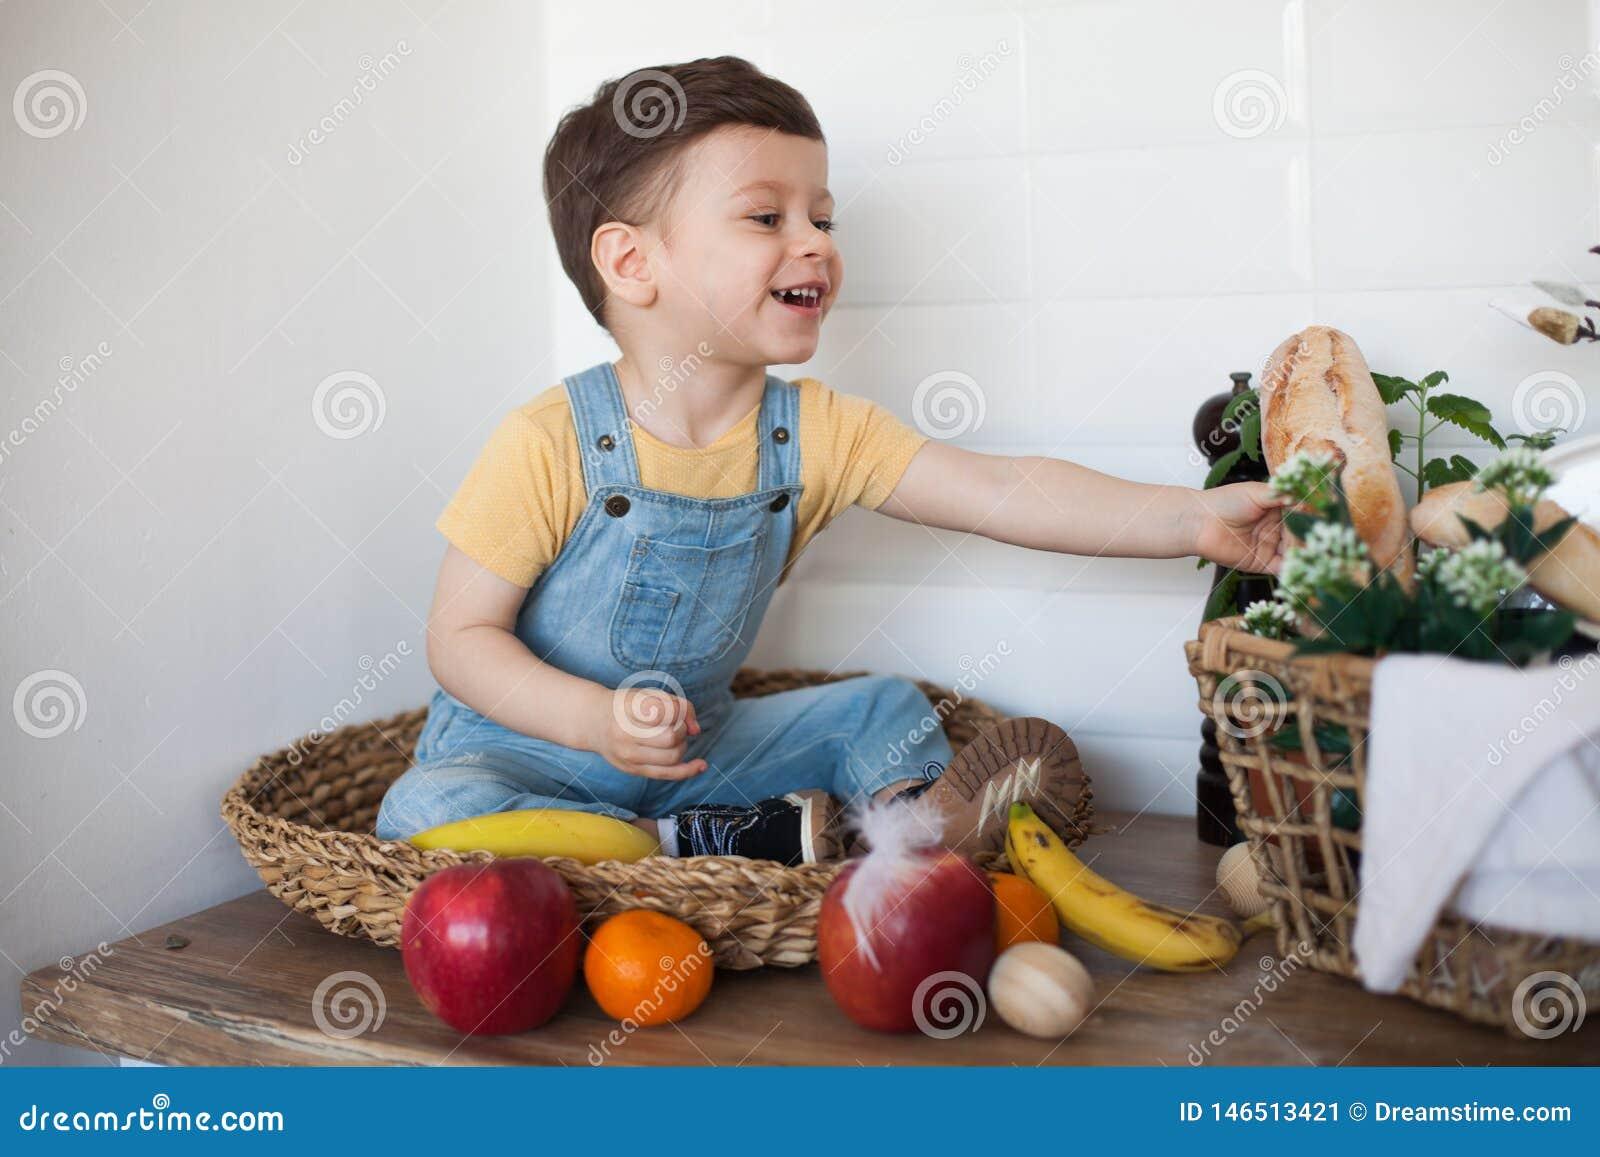 Ca?oe ter uma tabela completamente do alimento biol?gico Crian?a alegre que come a salada e frutos saud?veis Beb? que escolhe ent